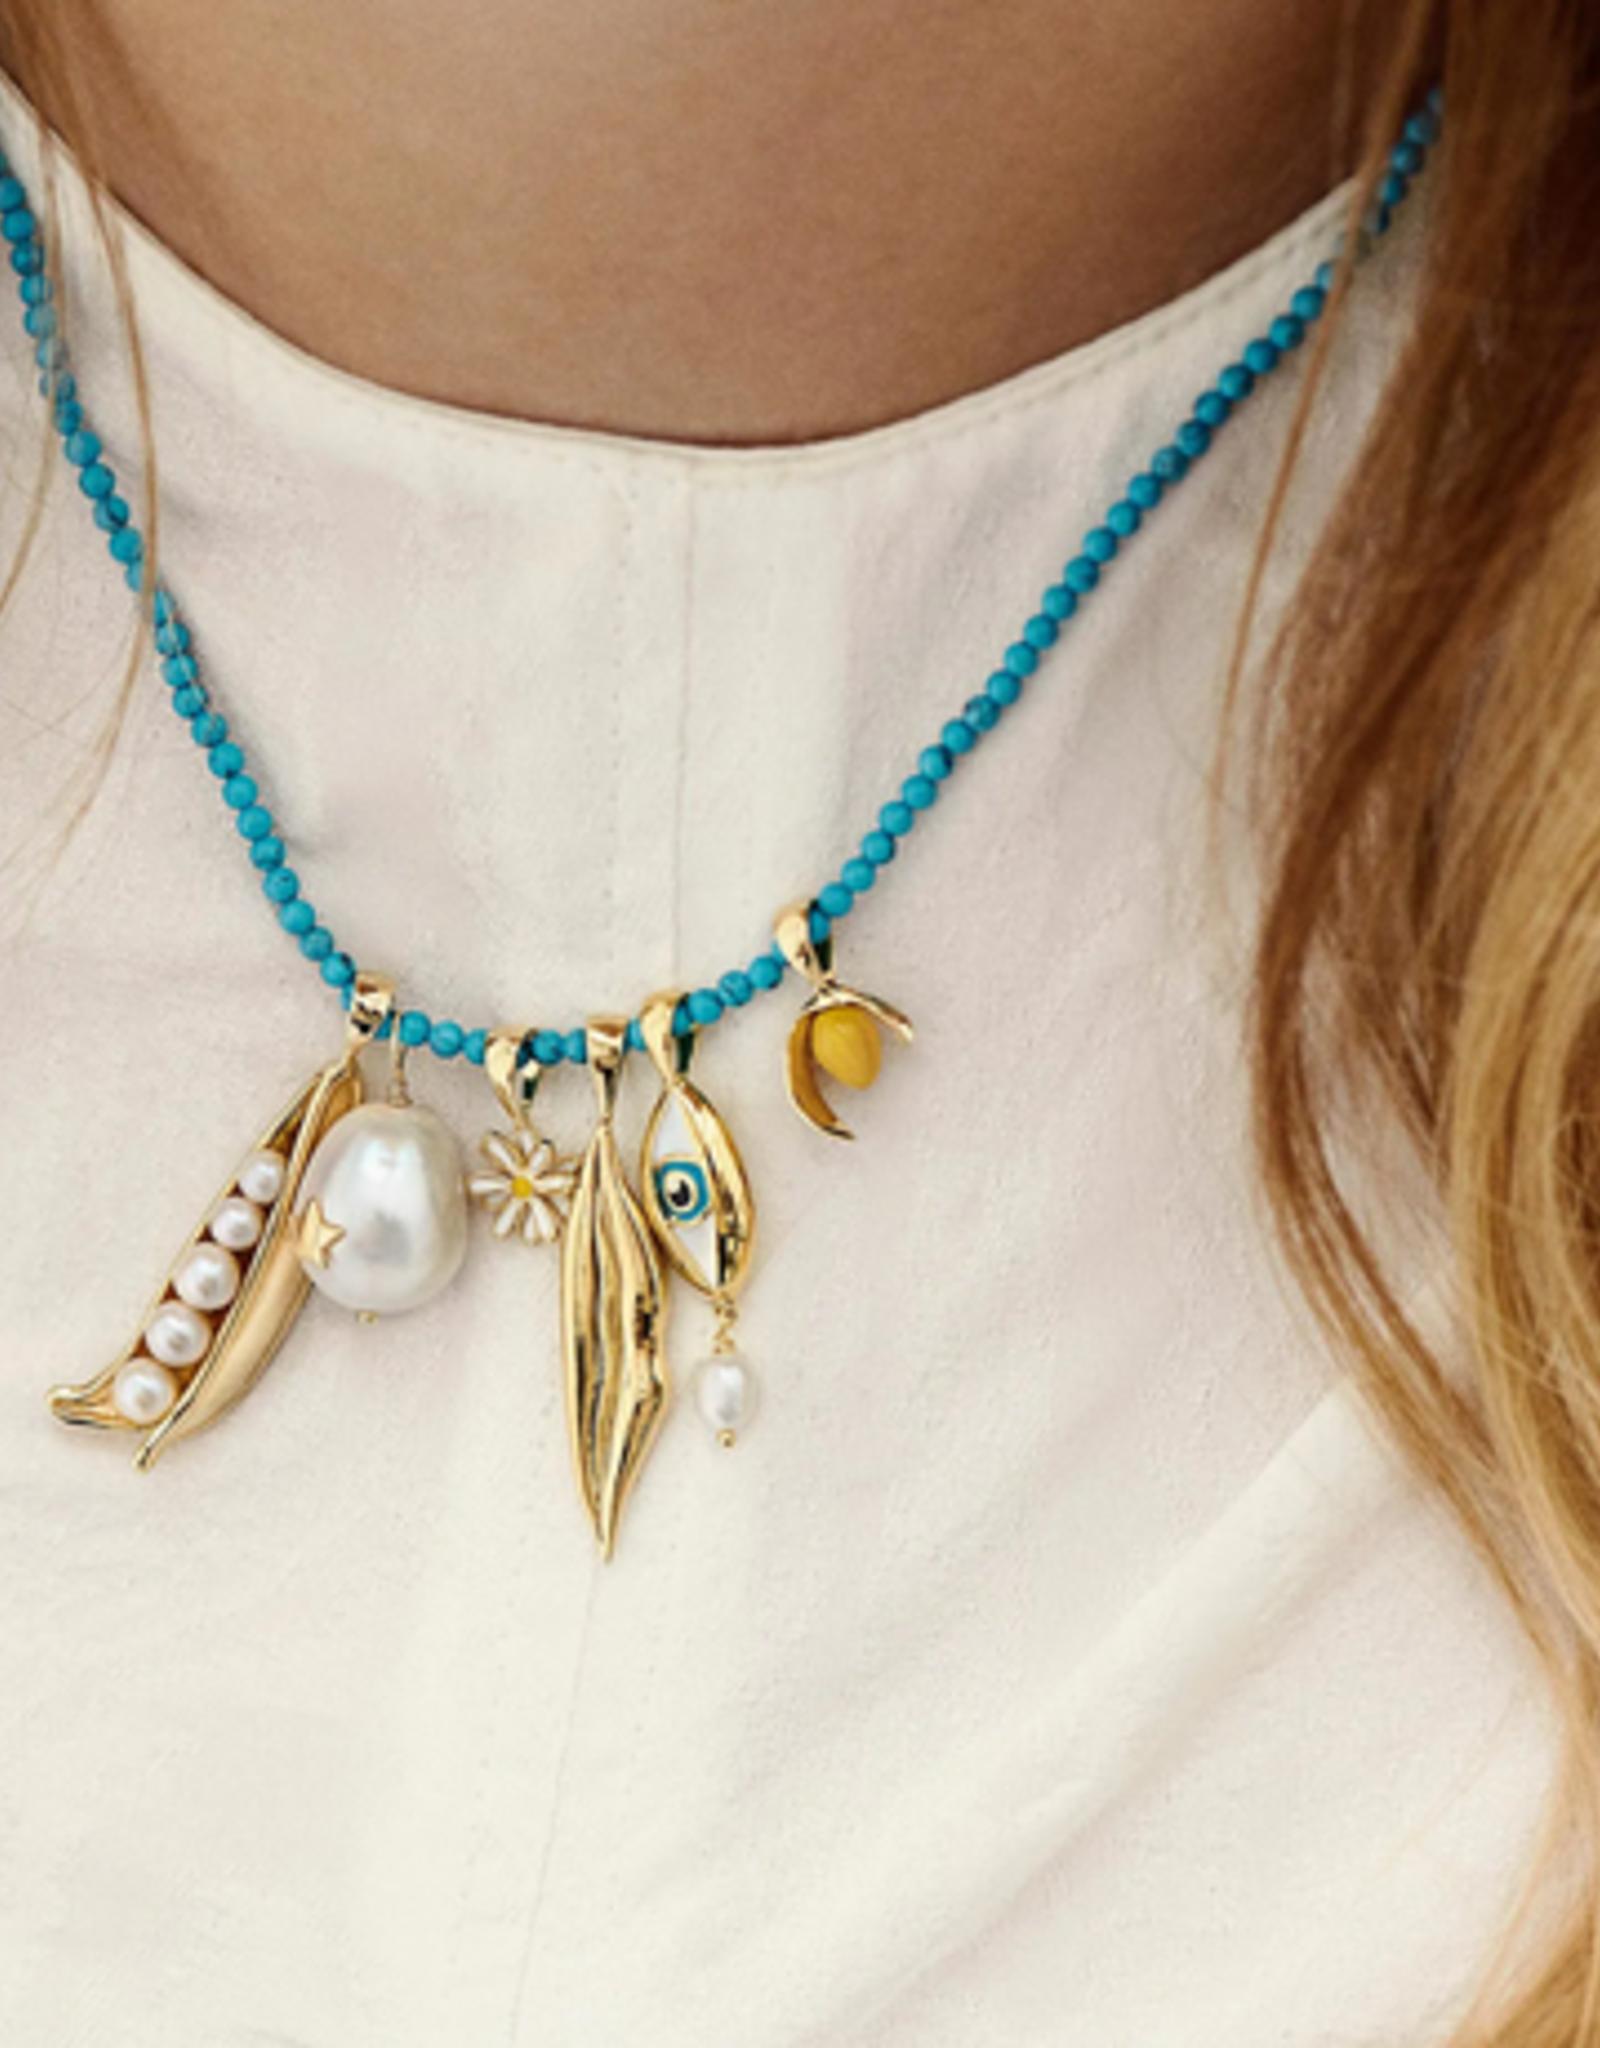 Anna + Nina Daisy Necklace Charm Silver